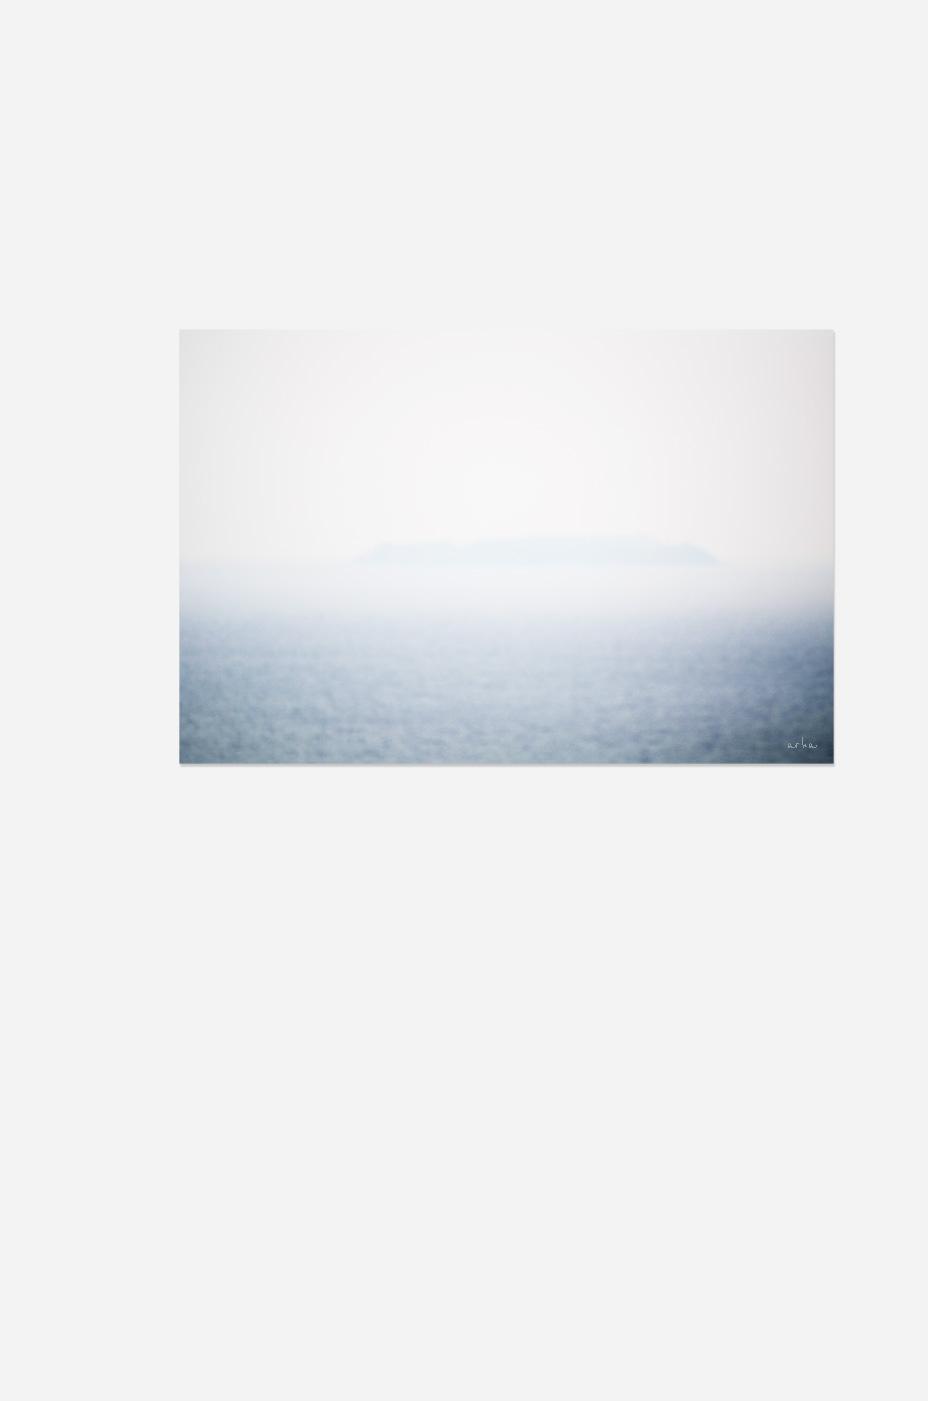 SHIMA-minimalism-copyright-2013-arha-Tomomichi-Morifuji